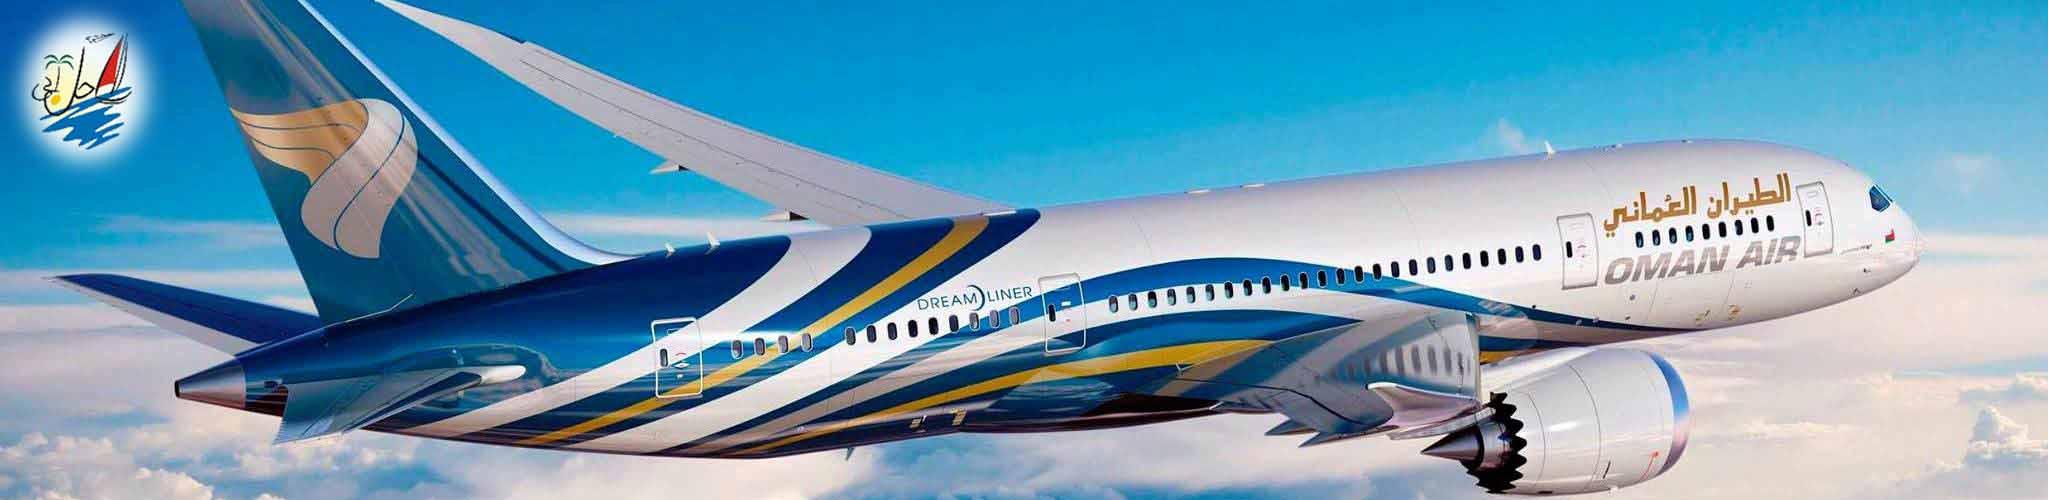 خبر تعلیق پرواز های ایرلاین عمان به نجف